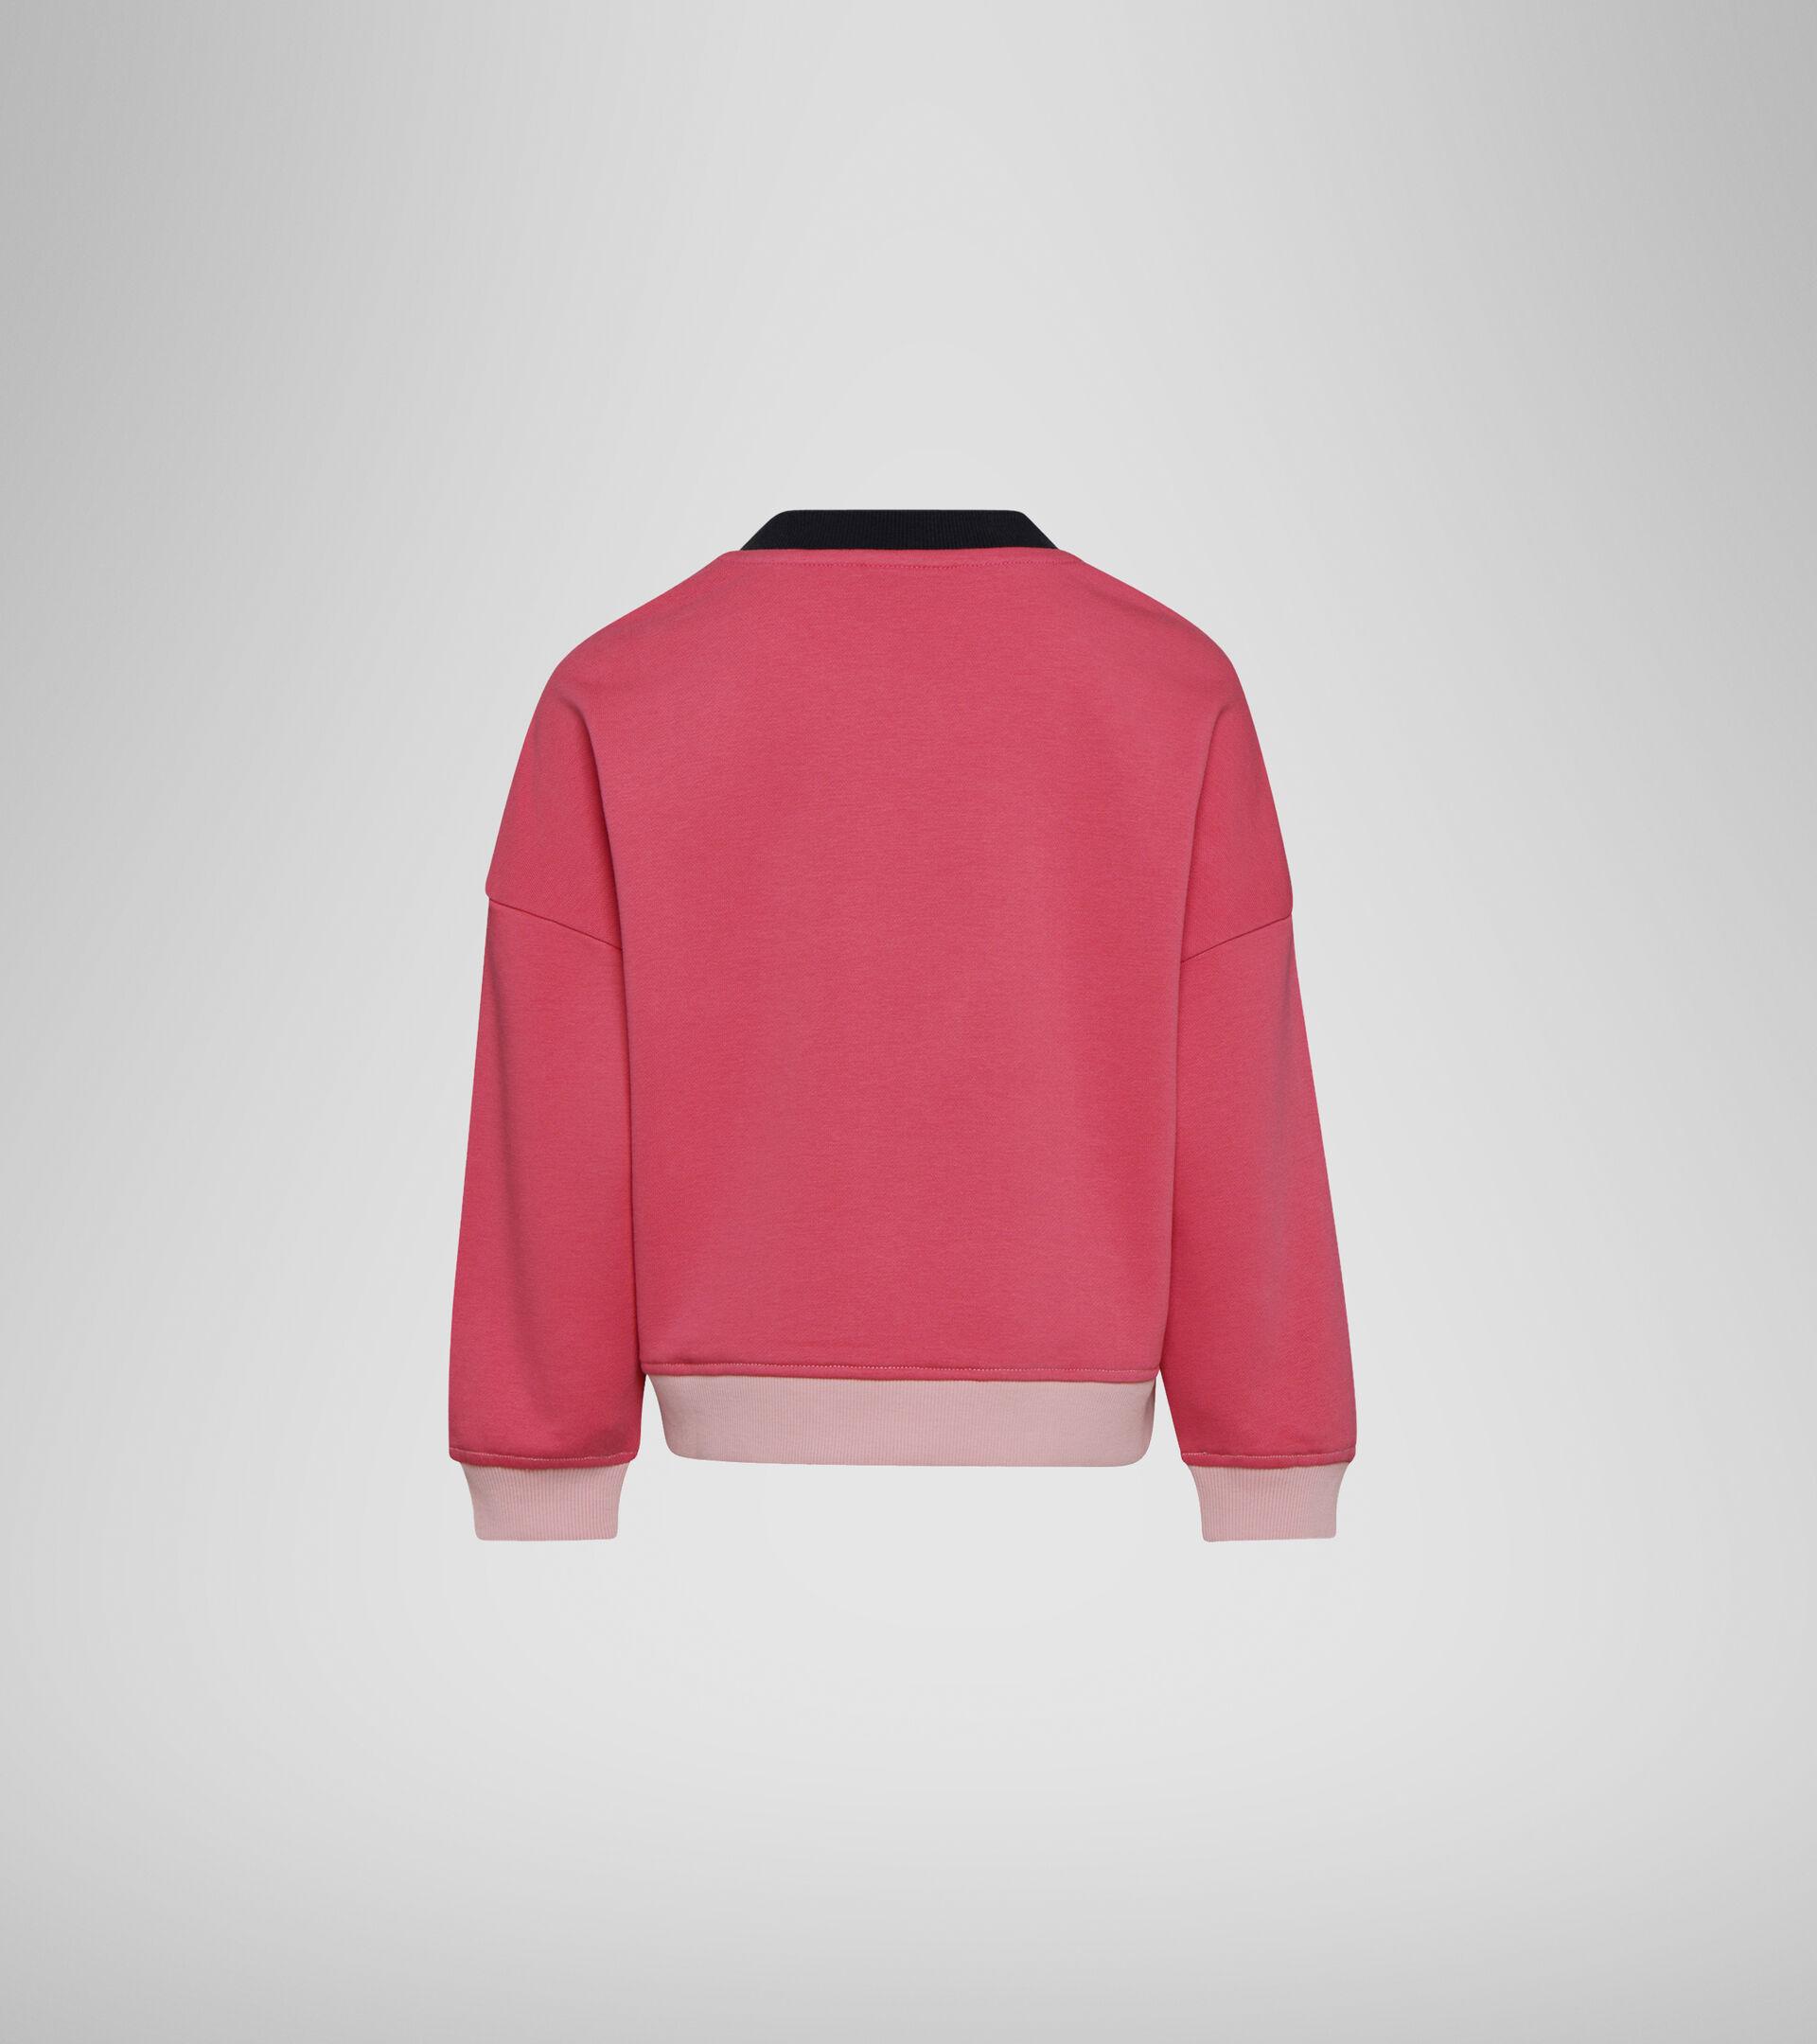 Sweater mit Rundhalsausschnitt - Mädchen JG. SWEATSHIRT CREW LOGO MANIA PFIRSICHHAUT - Diadora